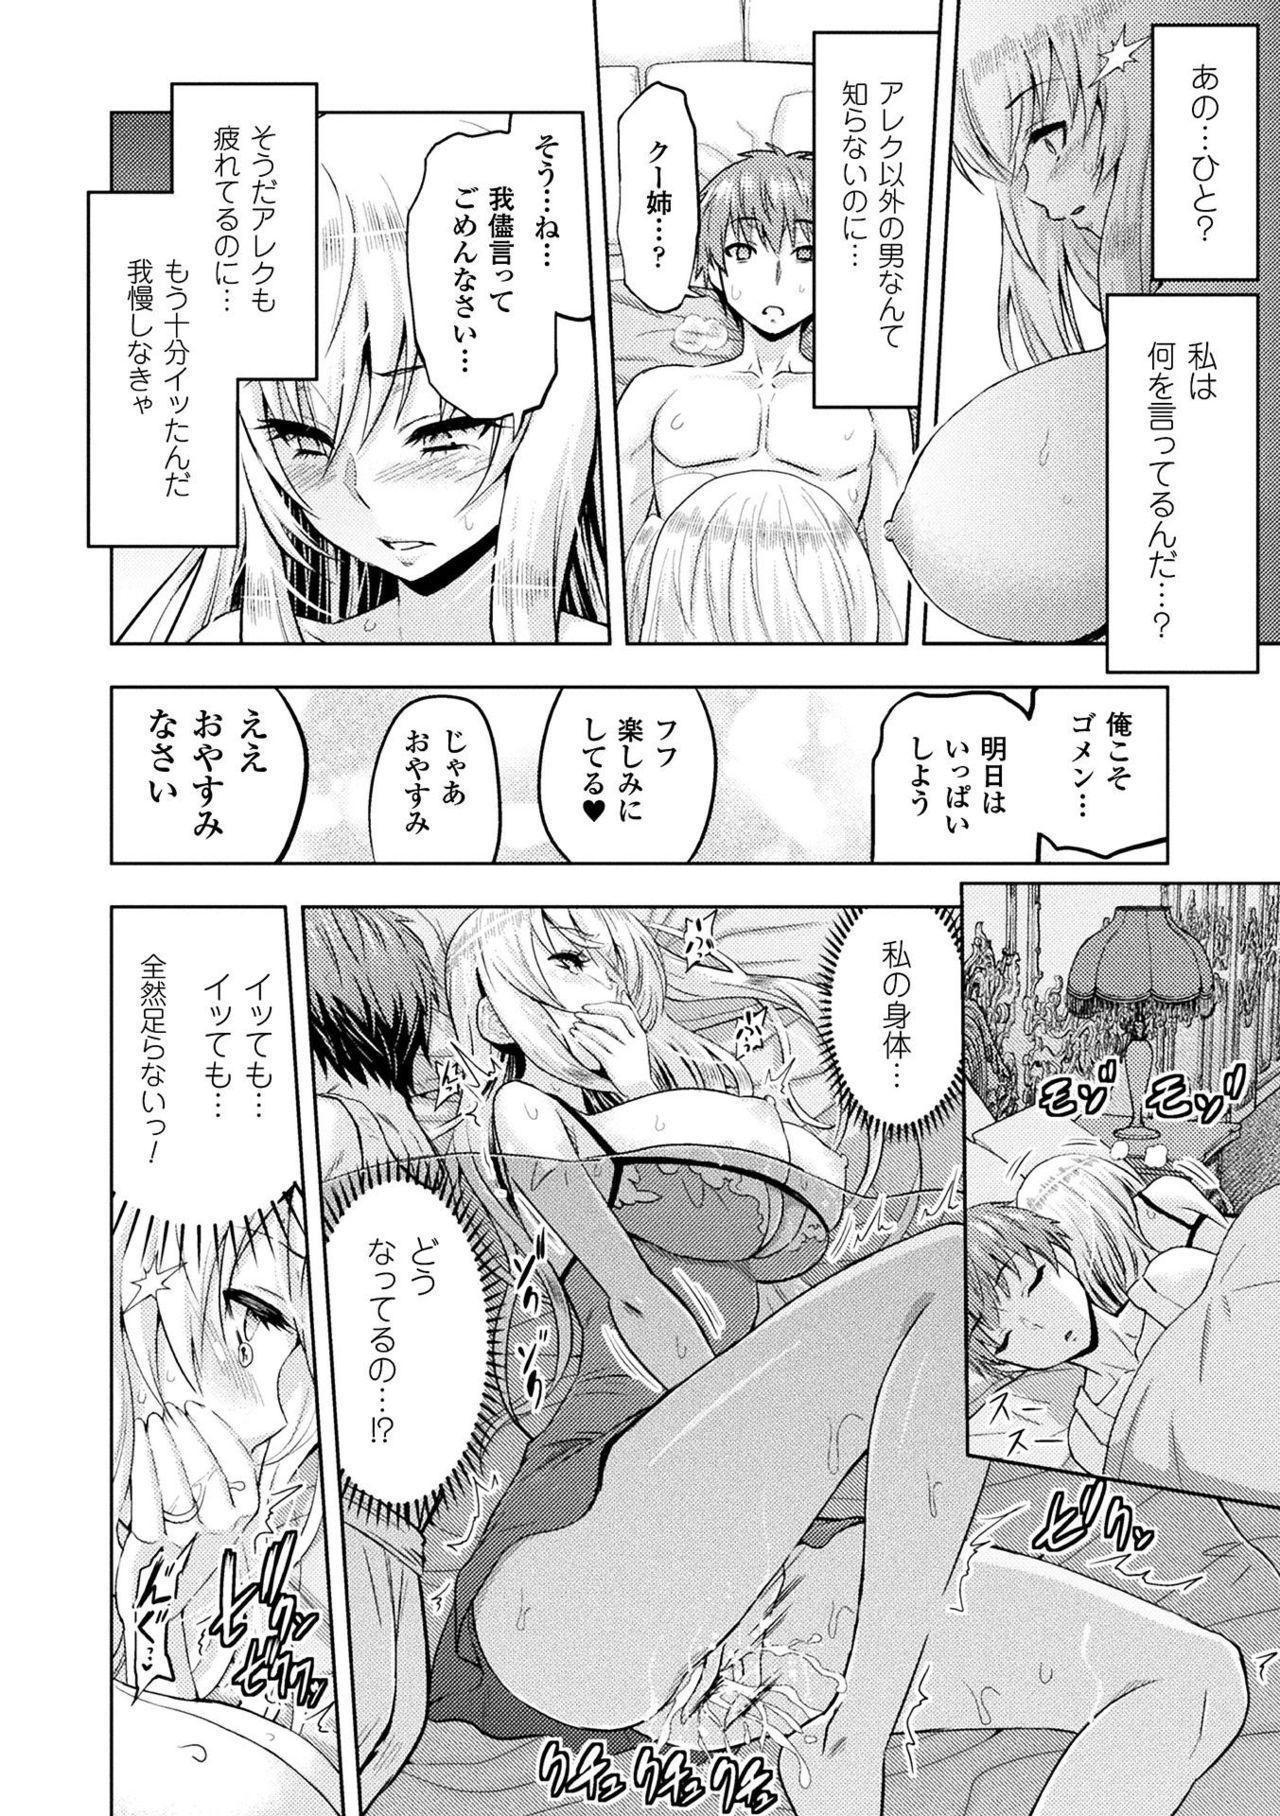 ERONA Orc no Inmon ni Okasareta Onna Kishi no Matsuro 145